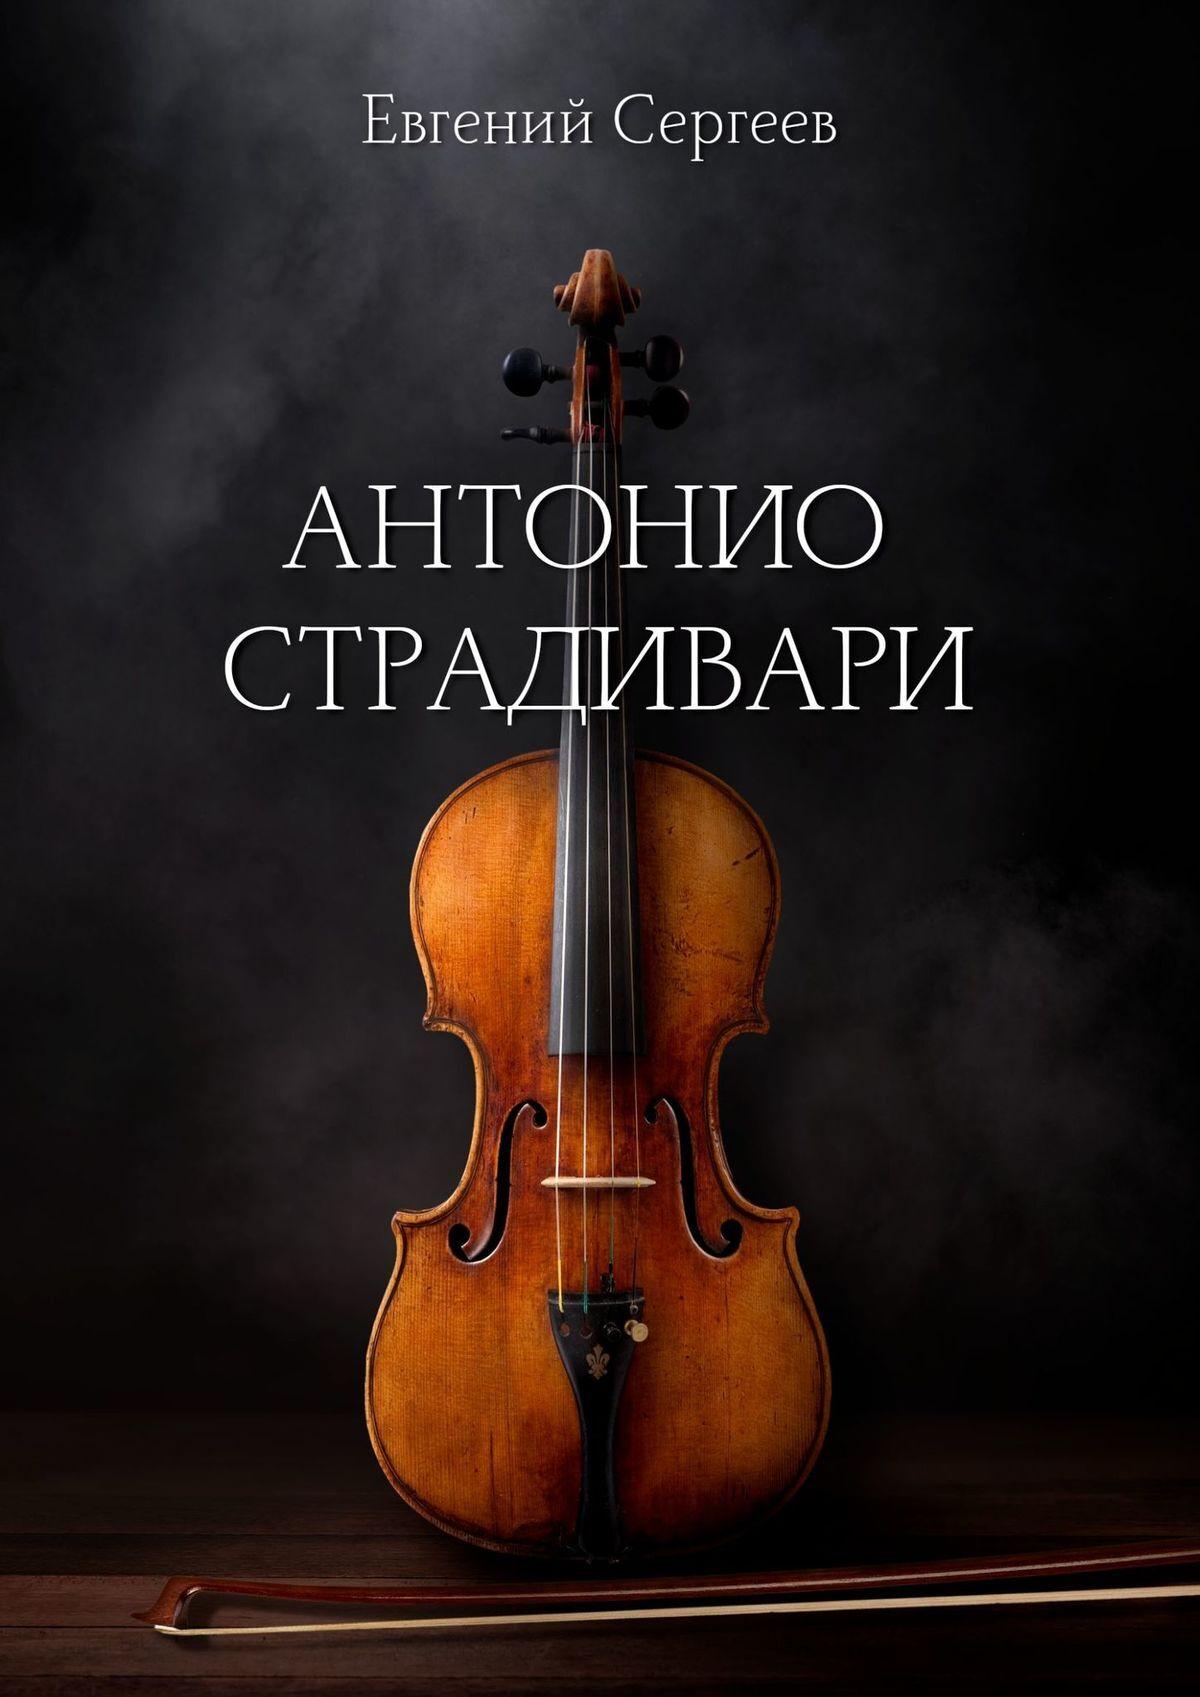 Купить книгу Антонио Страдивари, автора Евгения Сергеева